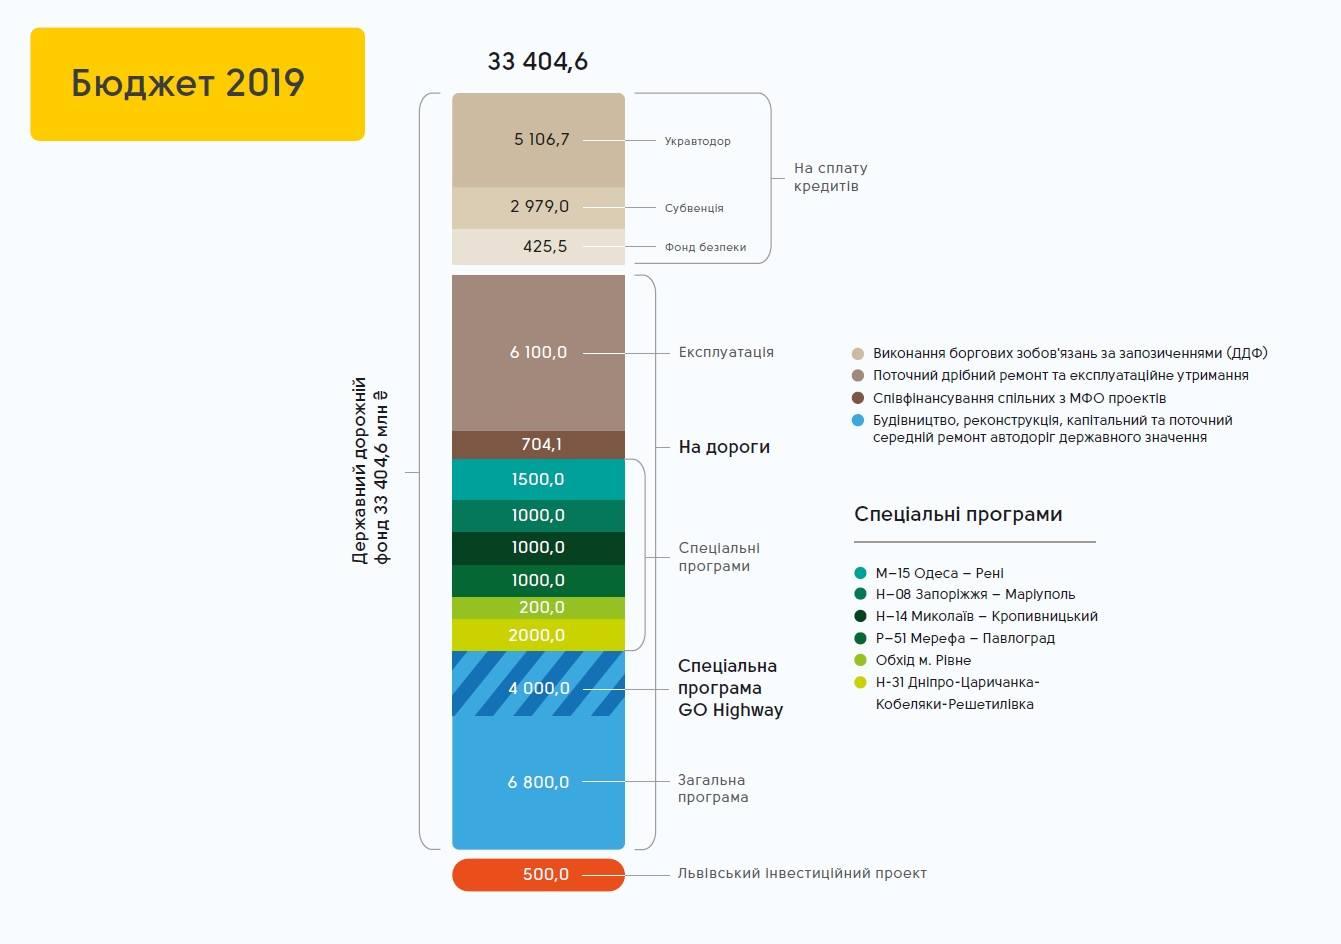 Закатать в асфальт: какие трассы власти отремонтируют в 2019 году за 50 млрд гривен